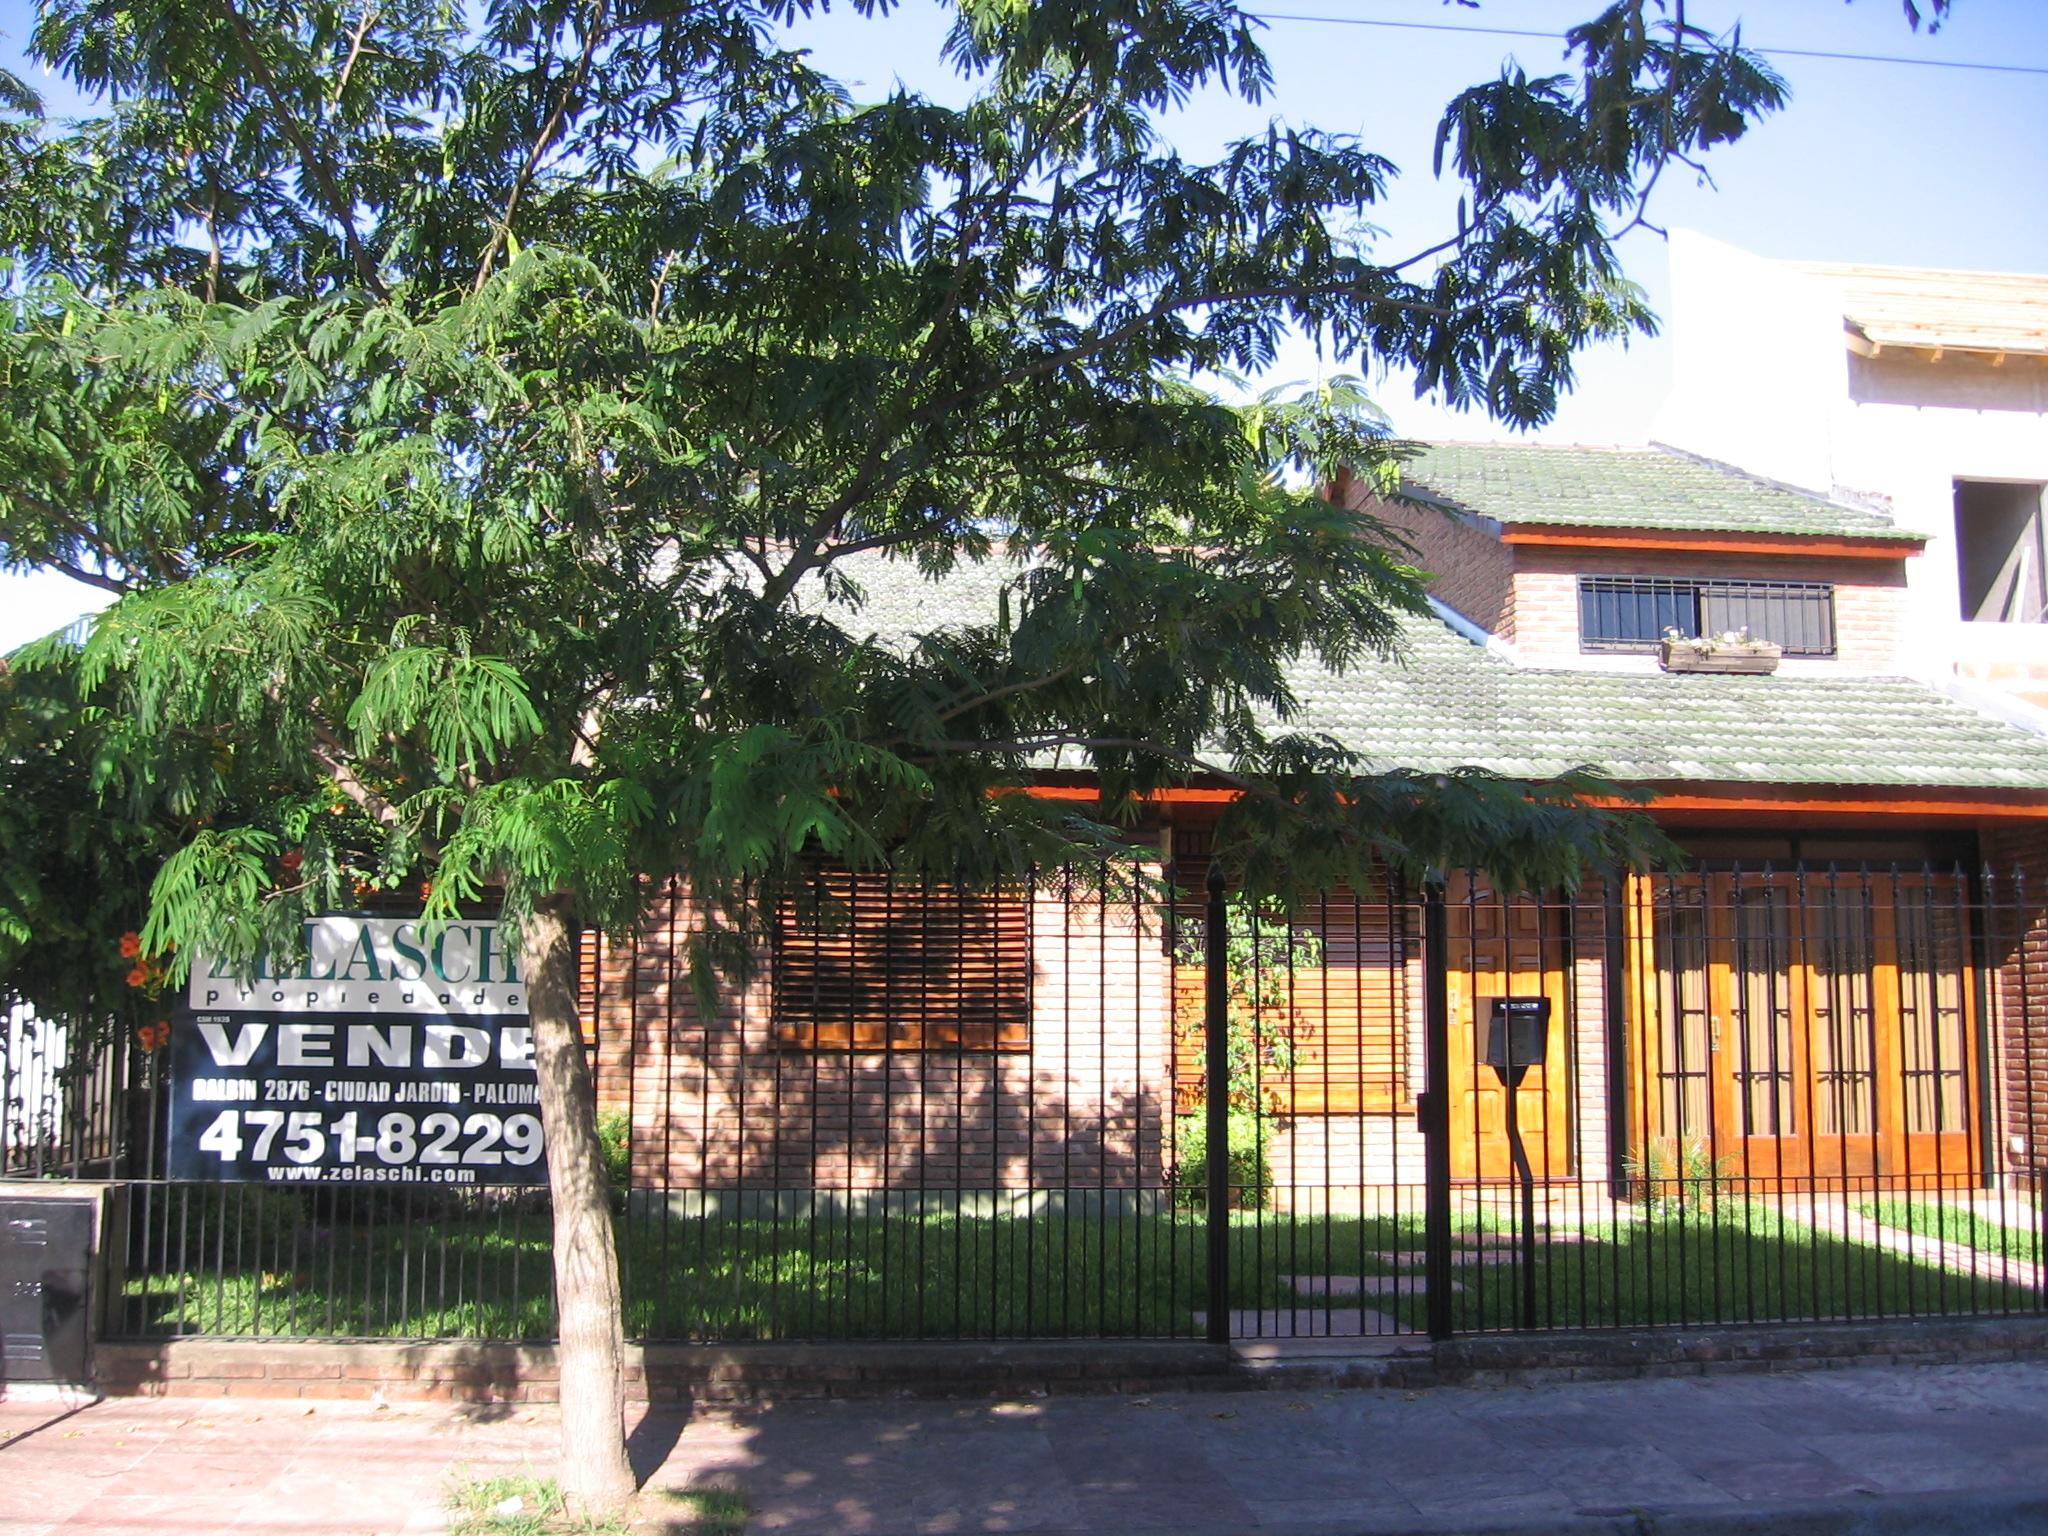 Koehl casa en venta en ciudad jardin lomas del palomar for Alquileres en ciudad jardin el palomar